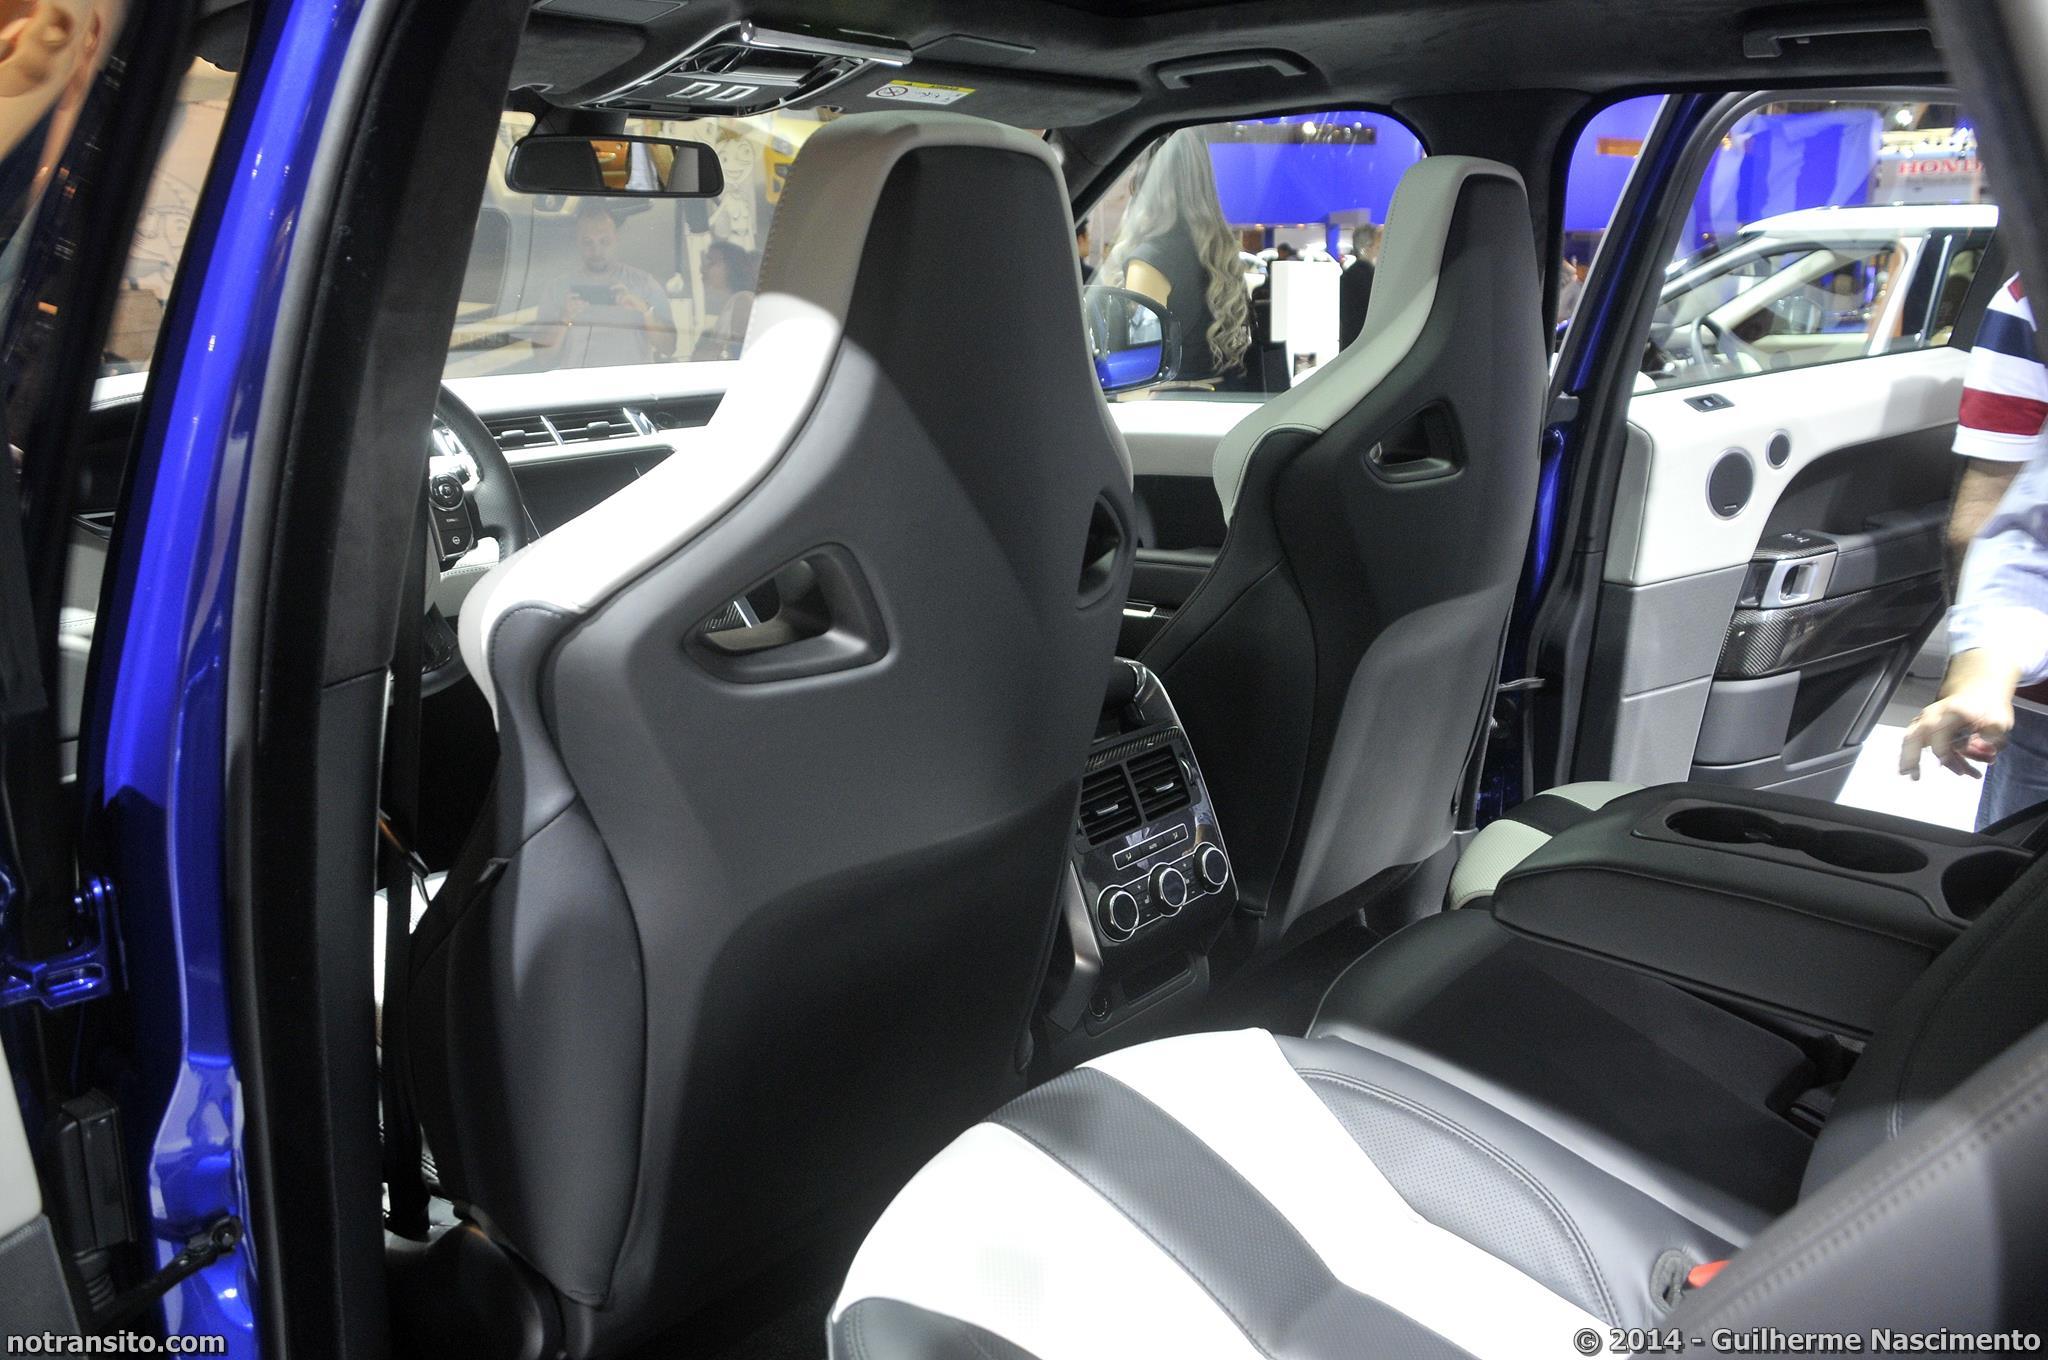 Salão do Automóvel de São Paulo 2014, 28º Salão do Automóvel de São Paulo, Range Rover Sport SVR, Special Vehicle Operations, SVO, Estoril Blue